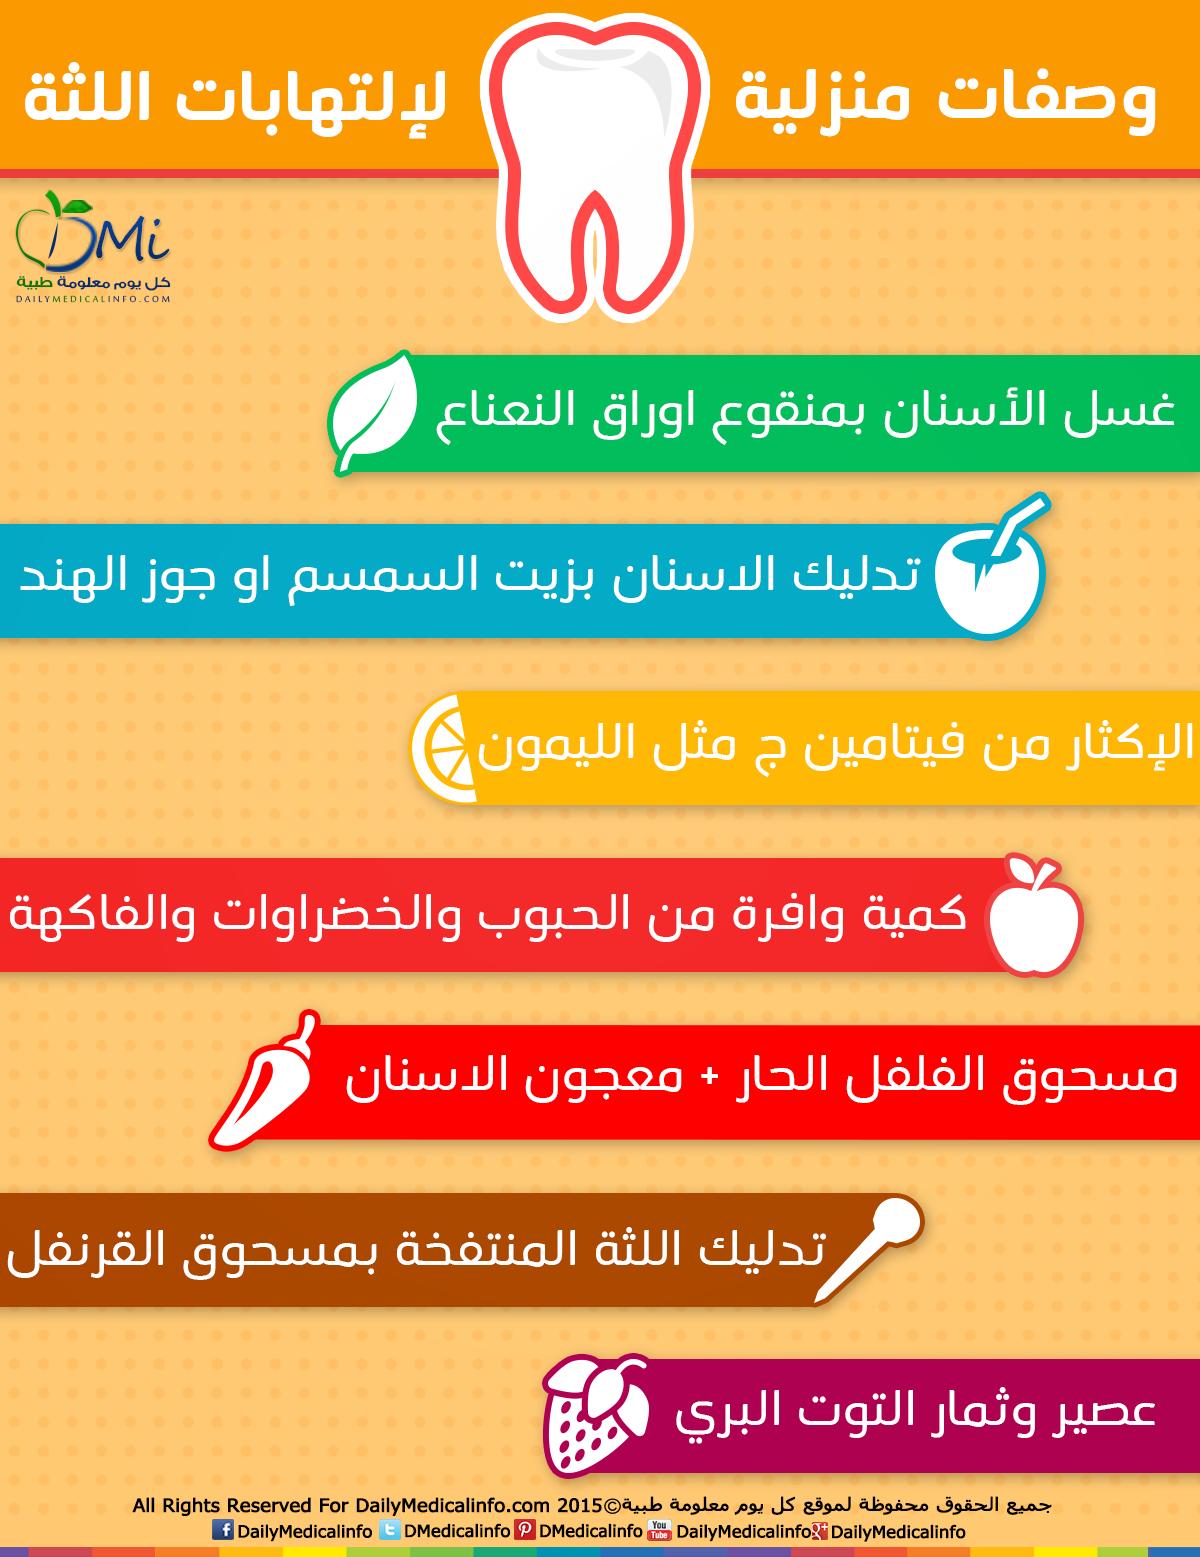 انفوجرافيك|وصفات منزلية لإلتهابات اللثة bntpal_1445335673_20